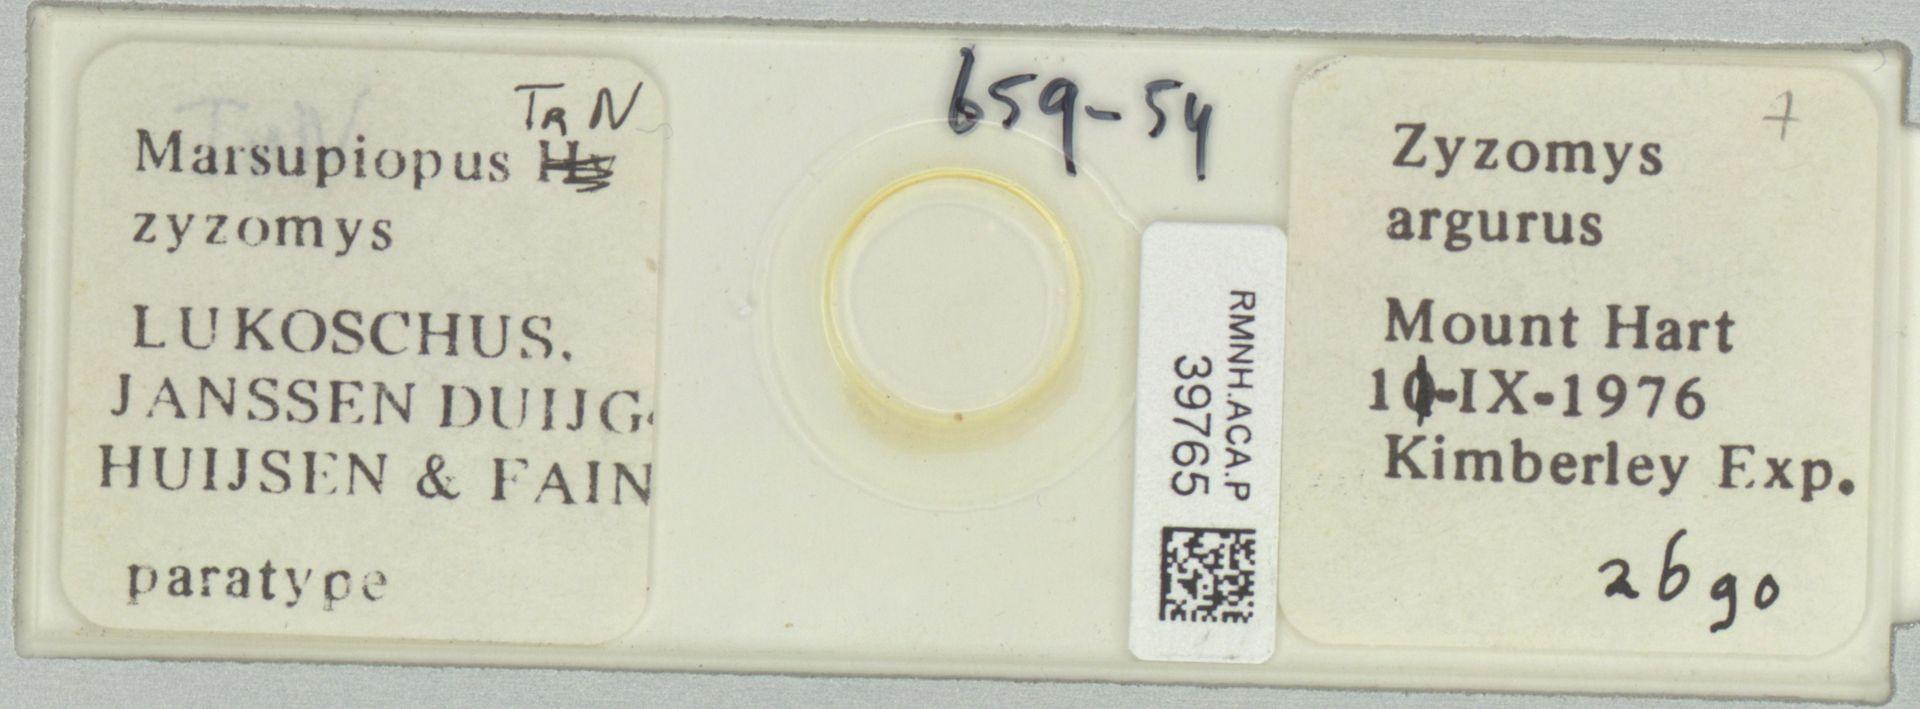 RMNH.ACA.P.39765   Marsupiopus zyzomys Lukoschus, Janssen Duijghuijsen & Fain